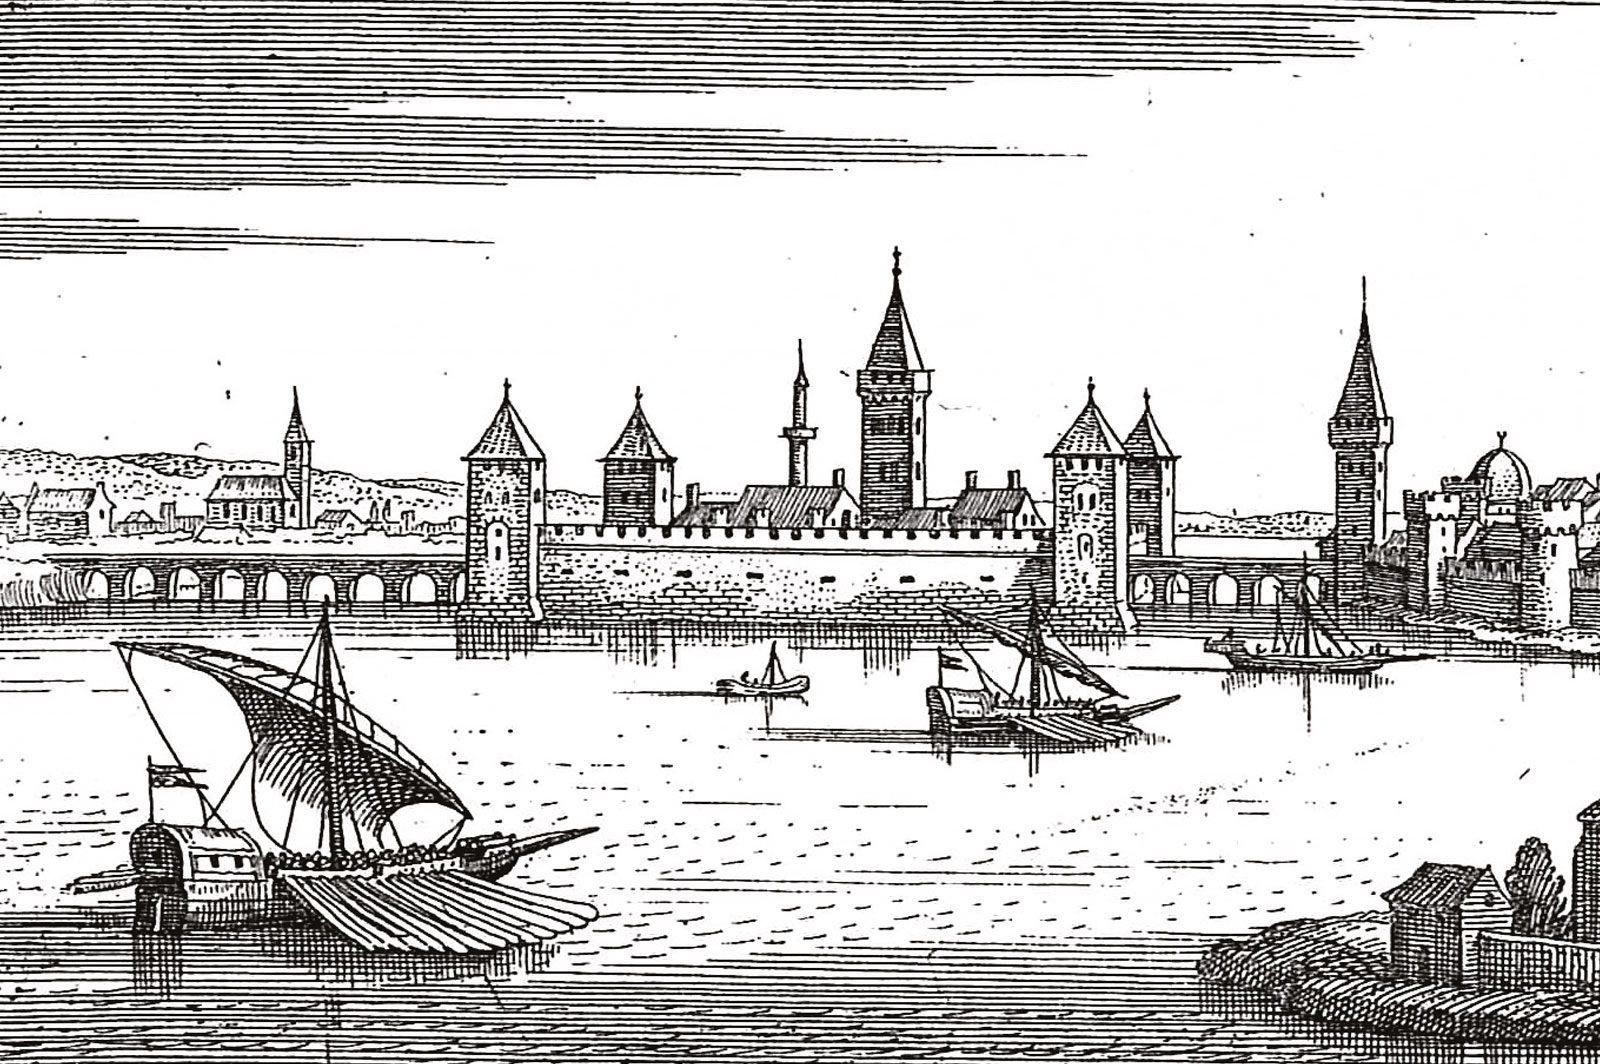 3-κάστρο-Ευρίπου-Πολιορκία-Νεγροπόντε-Χαλκίδα-Βυζάντιο-Ενετοκρατία